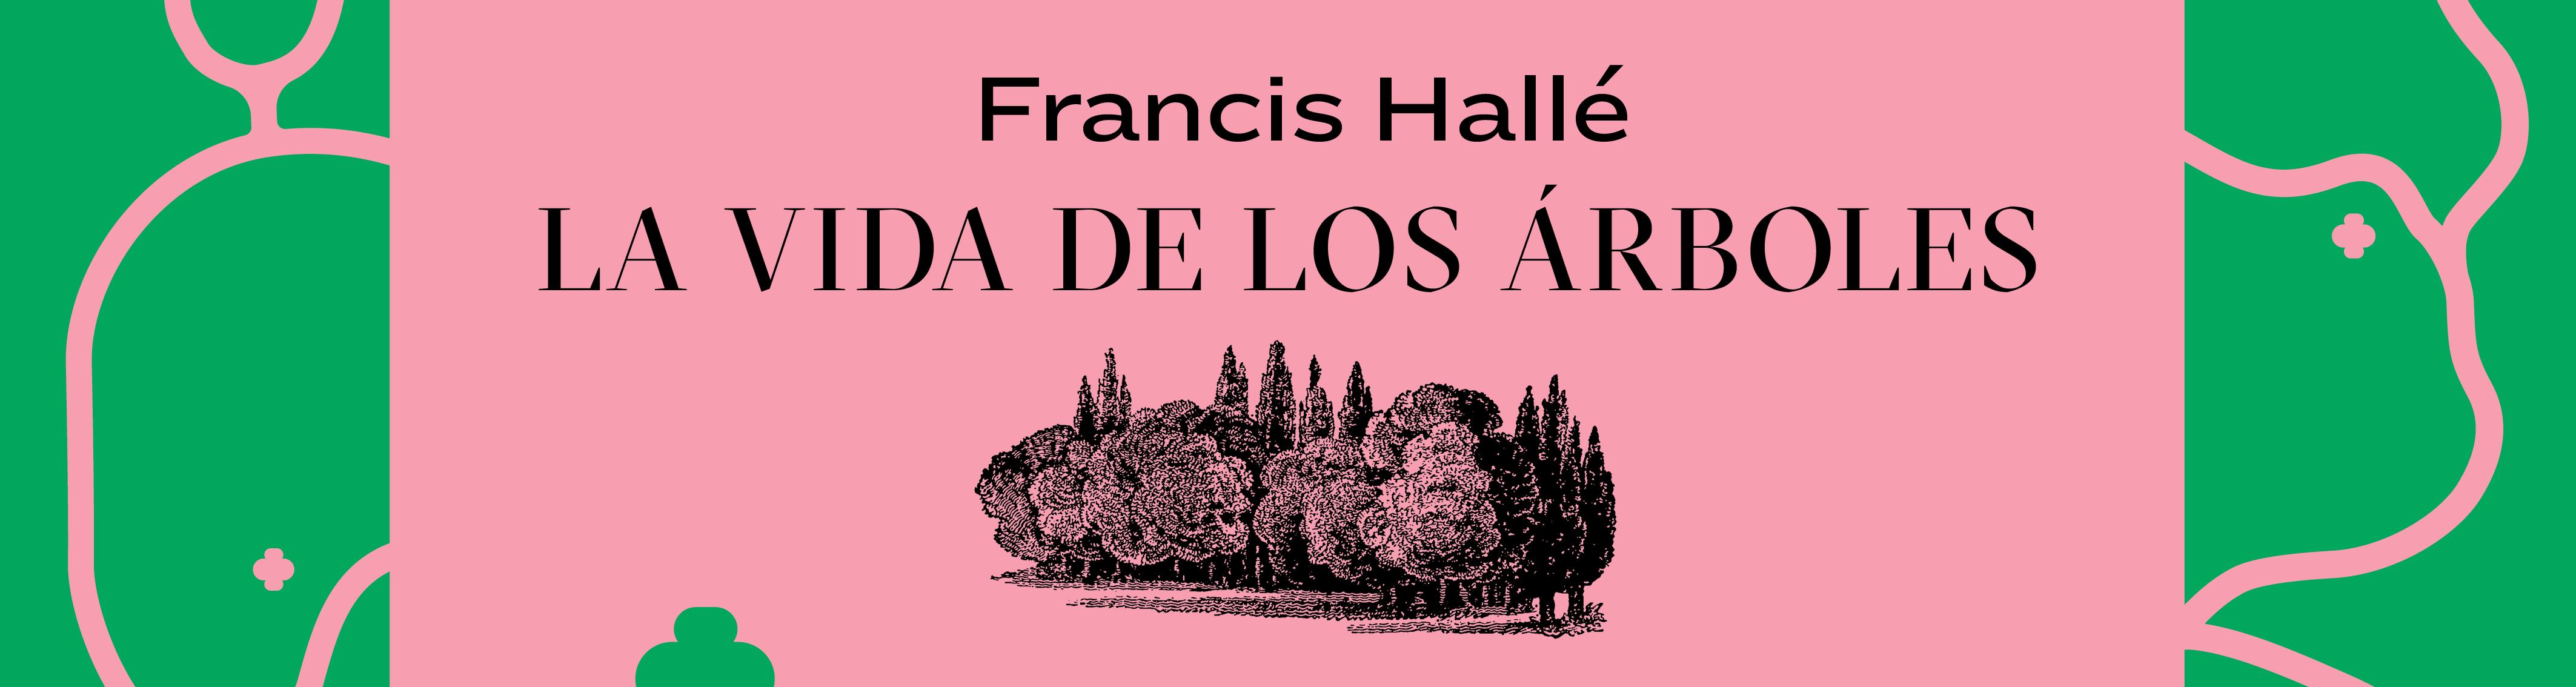 La vida de los árboles, un libro de Francis Hallé